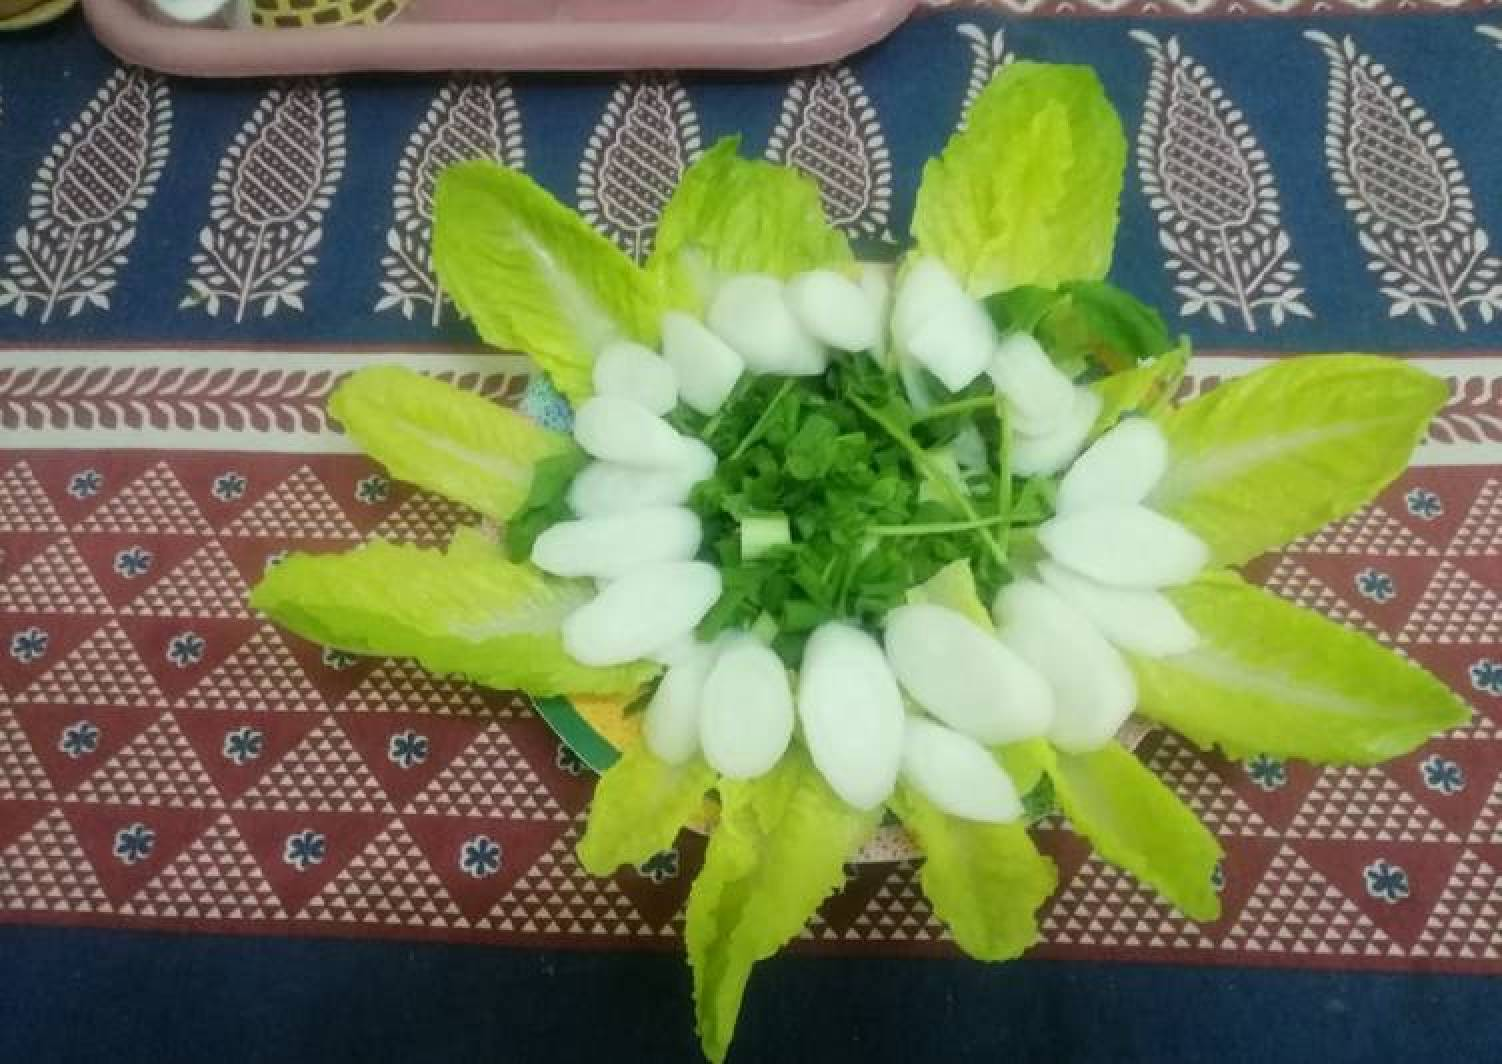 Salad Greens and Radish Bowl